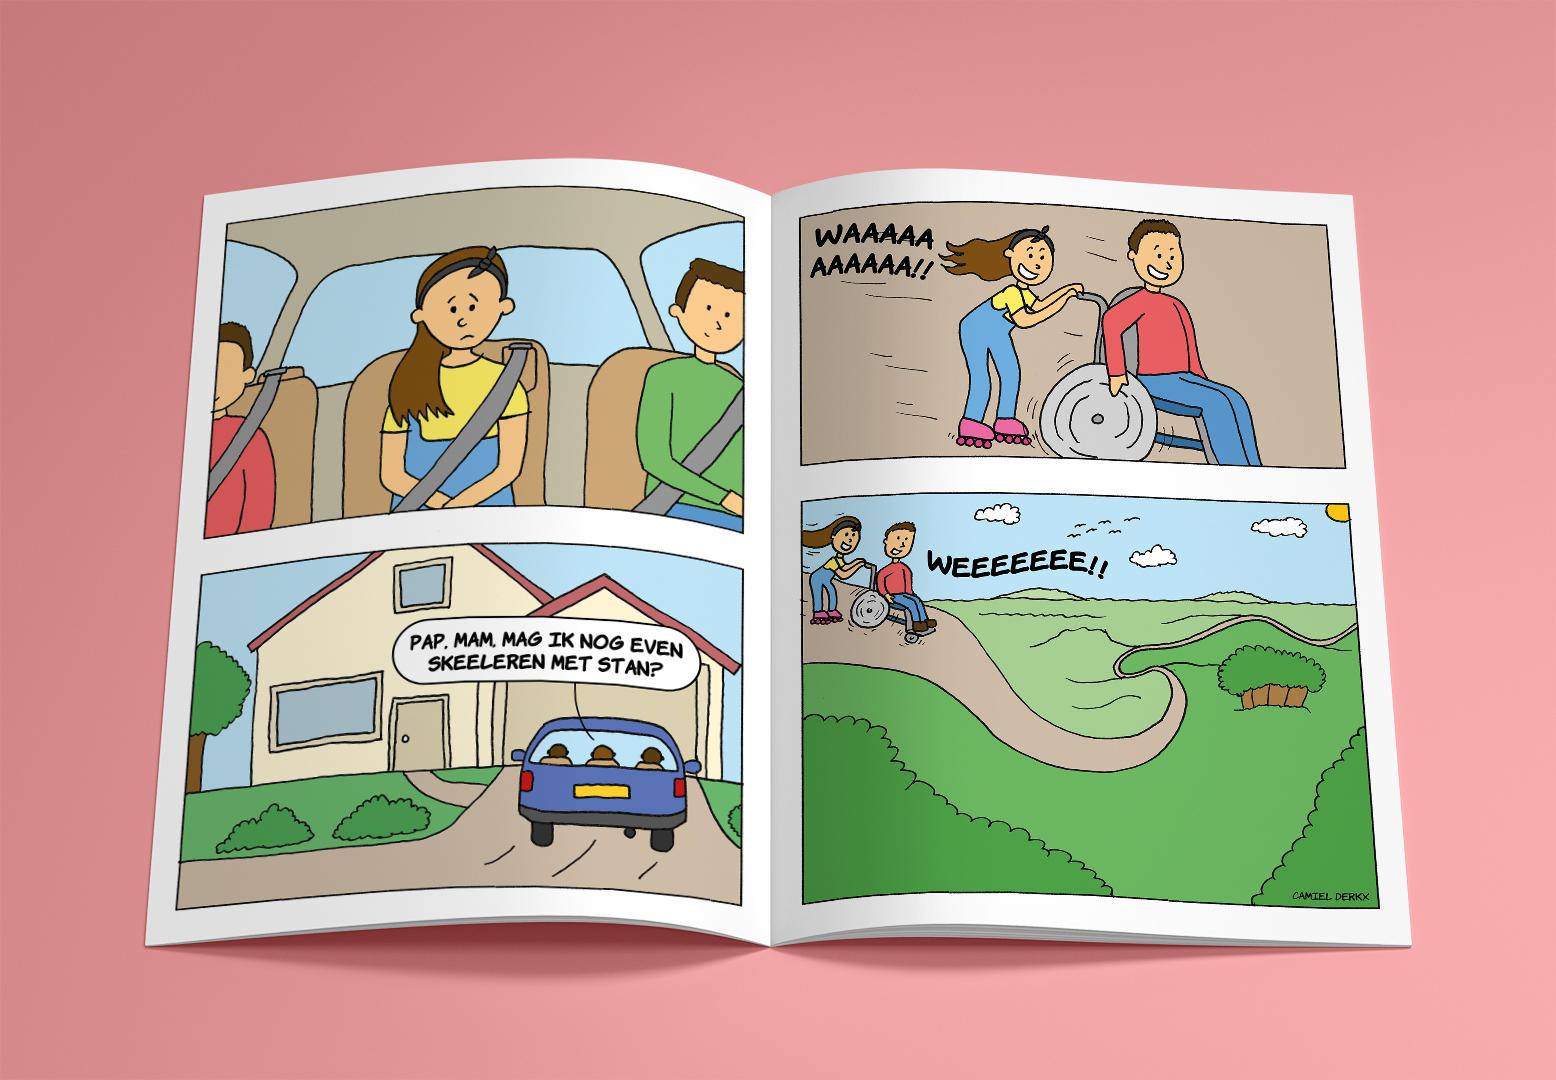 mantelzorgersgestrip2-stripboek-mockup2.jpg